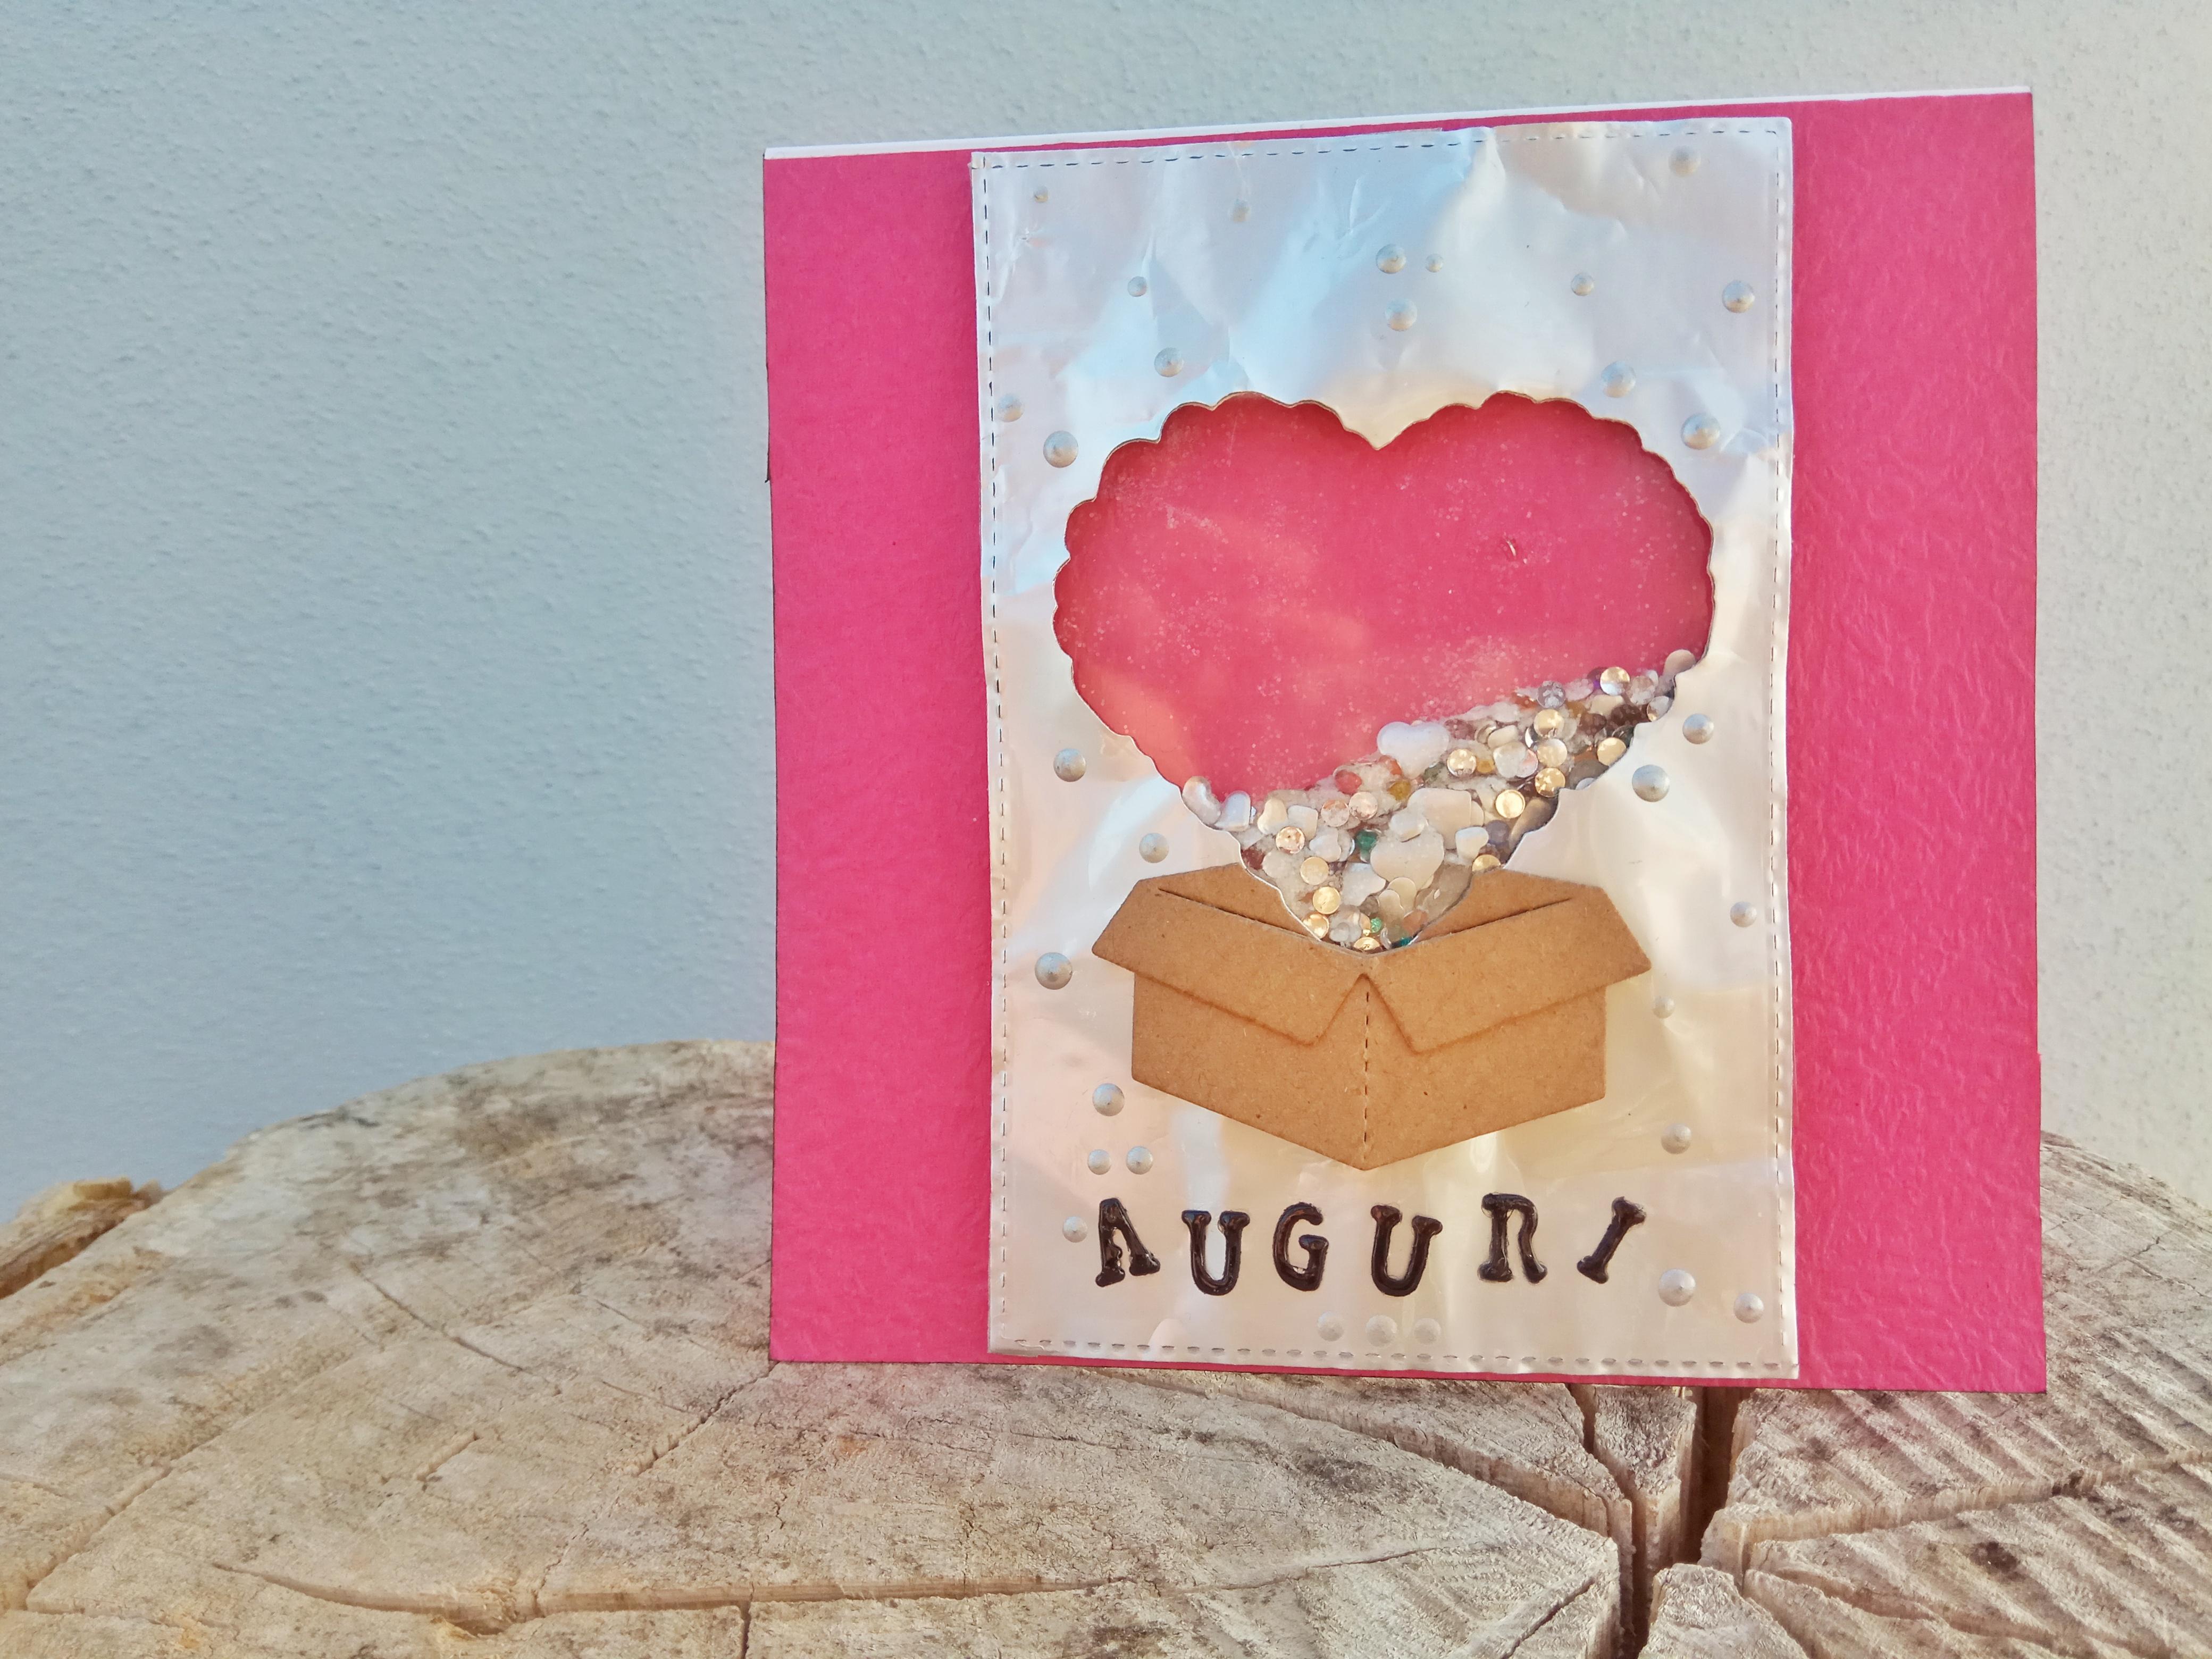 Shaker card di auguri con cuori che escono da una scatola